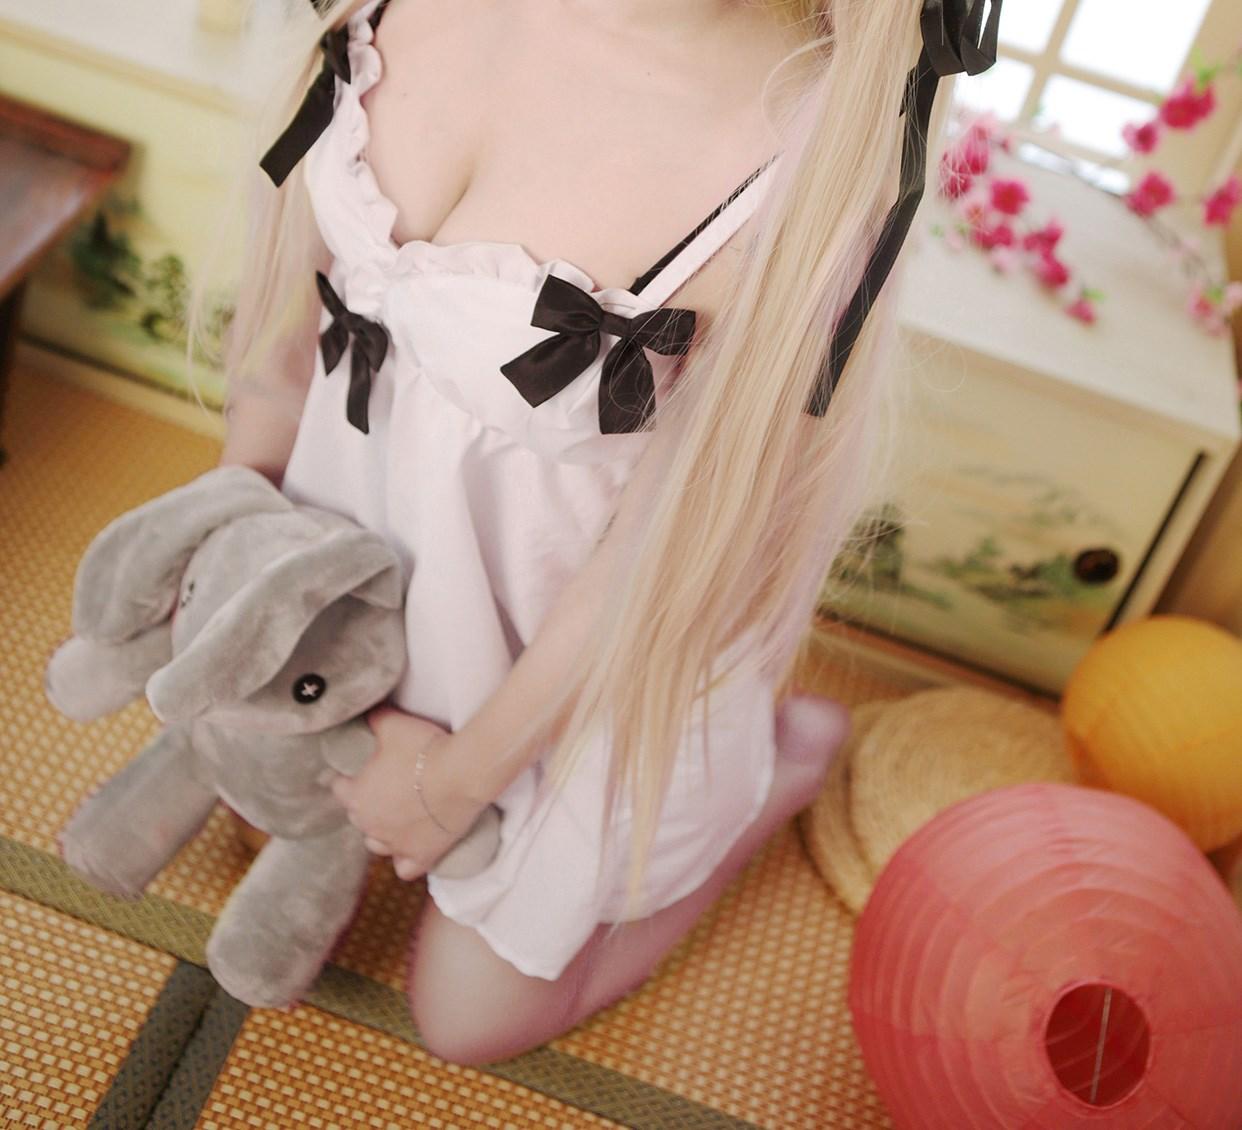 【兔玩映画】穹妹 兔玩映画 第26张